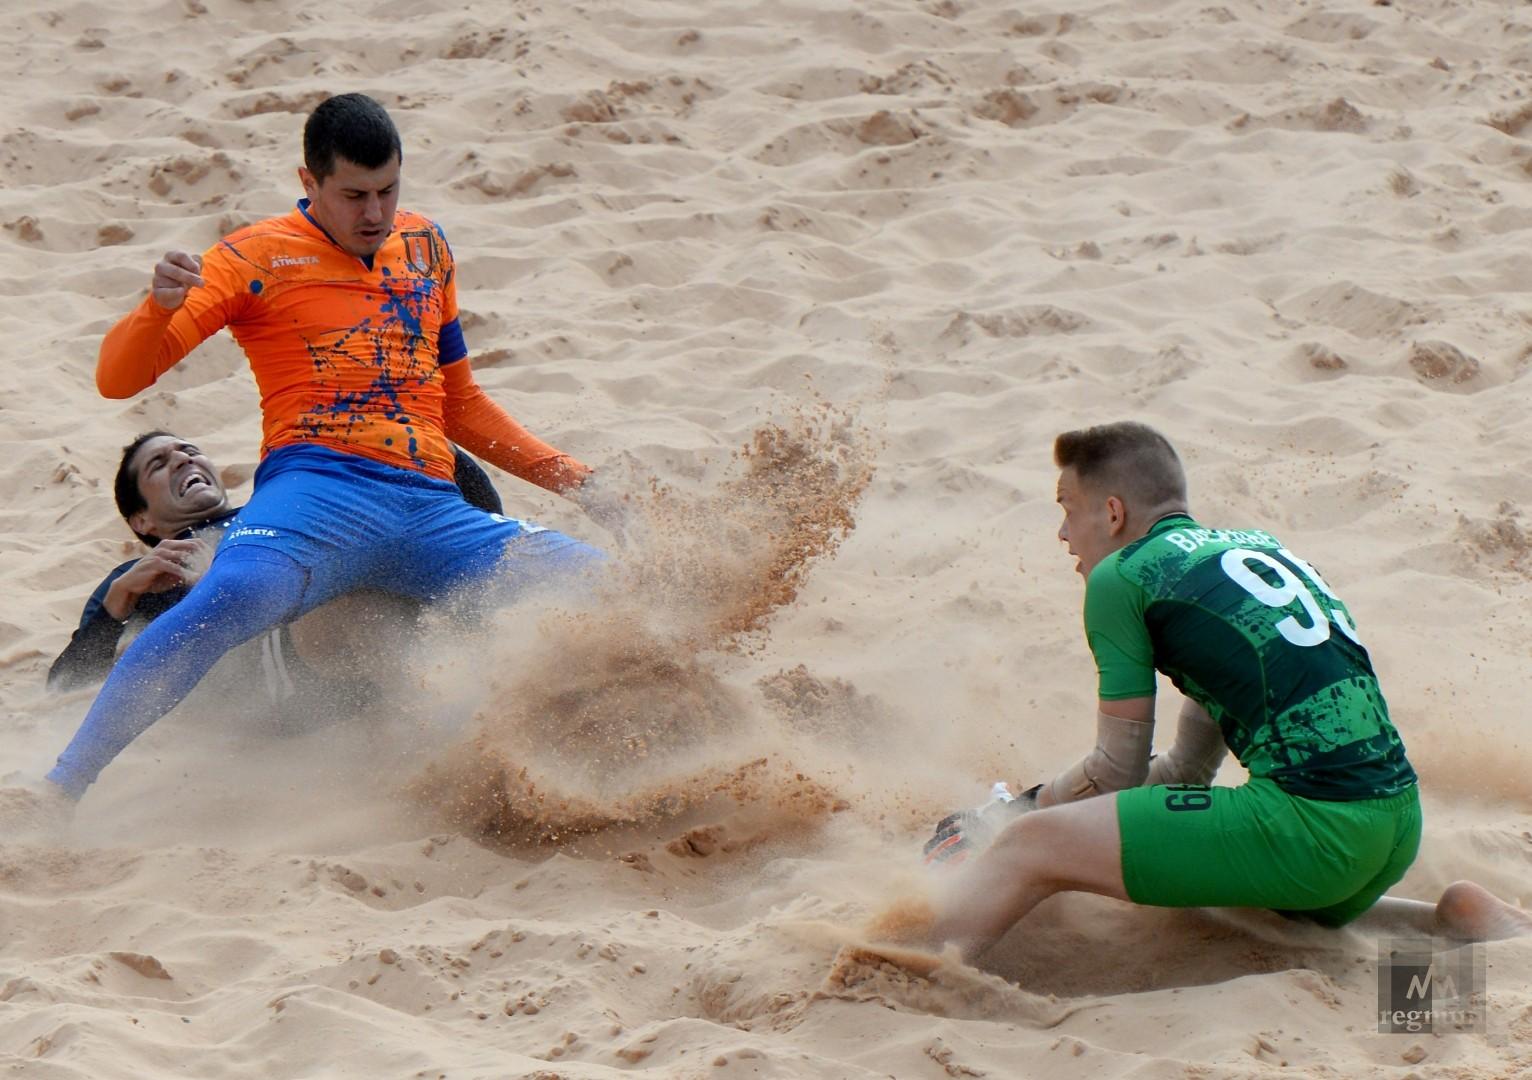 Второй этап чемпионата России по пляжному футболу. ДЕЛЬТА  против СИТИ